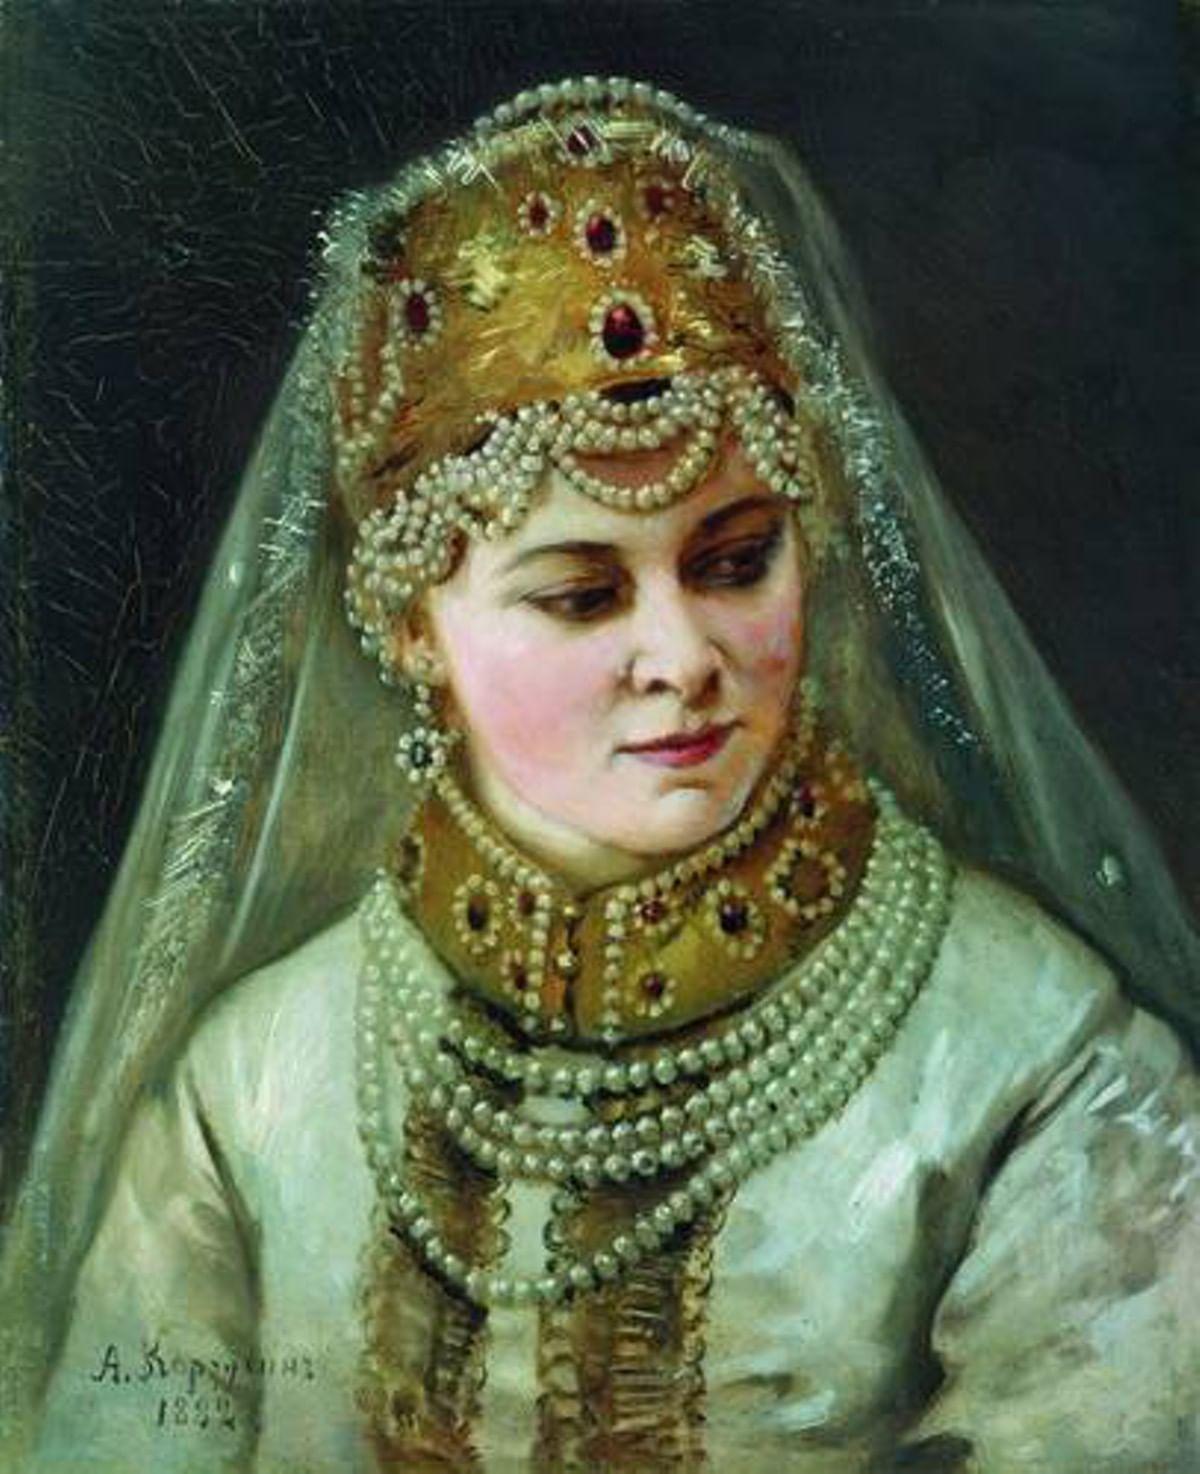 Любовь к жемчугу: Перлы в русском искусстве. Галерея 1